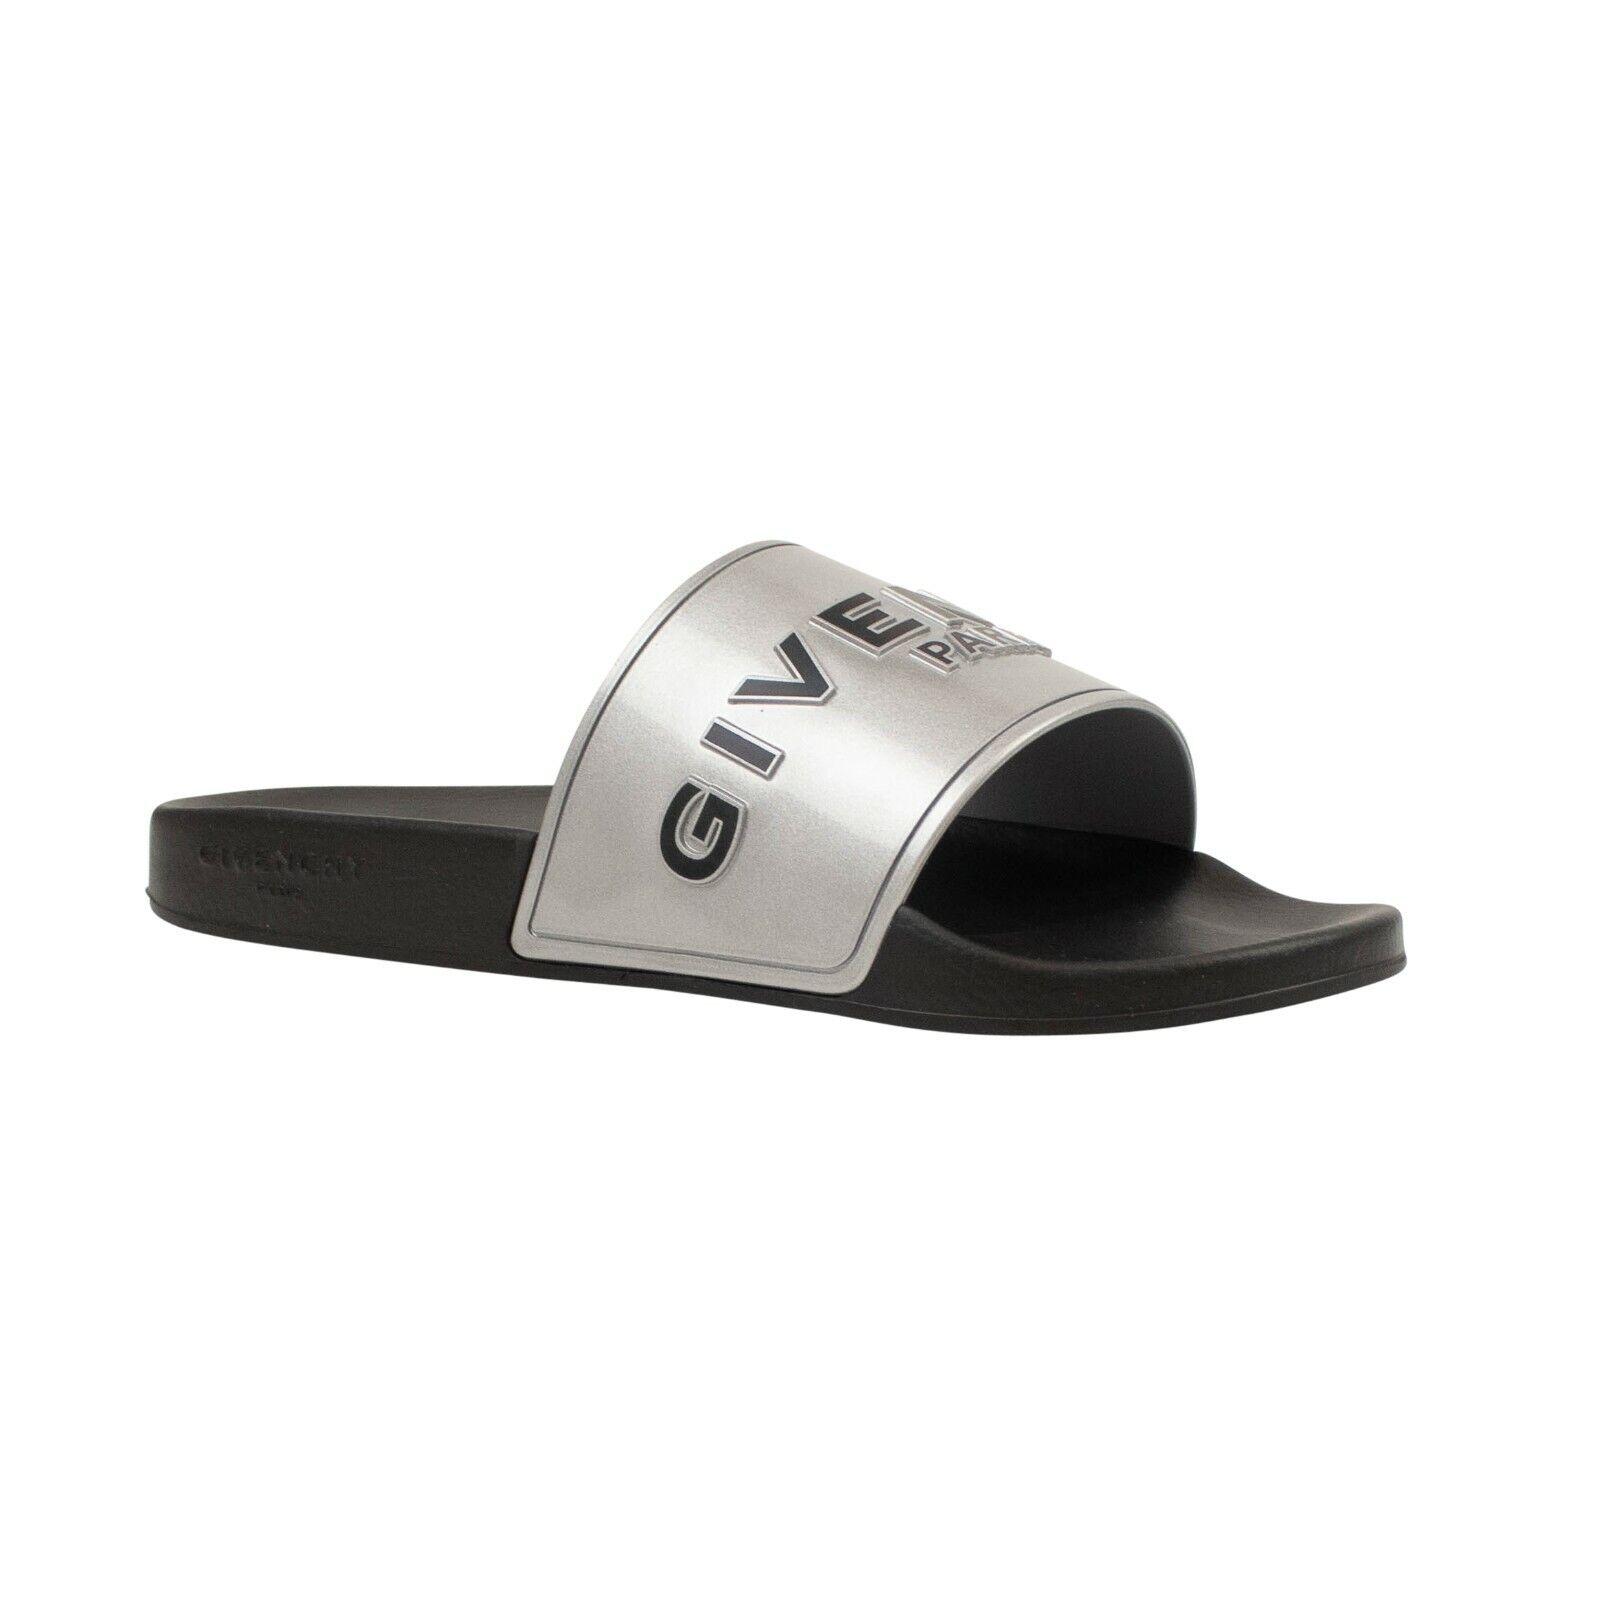 NIB GIVENCHY Black/ Silver GIV Slide Sandals Size 12/45